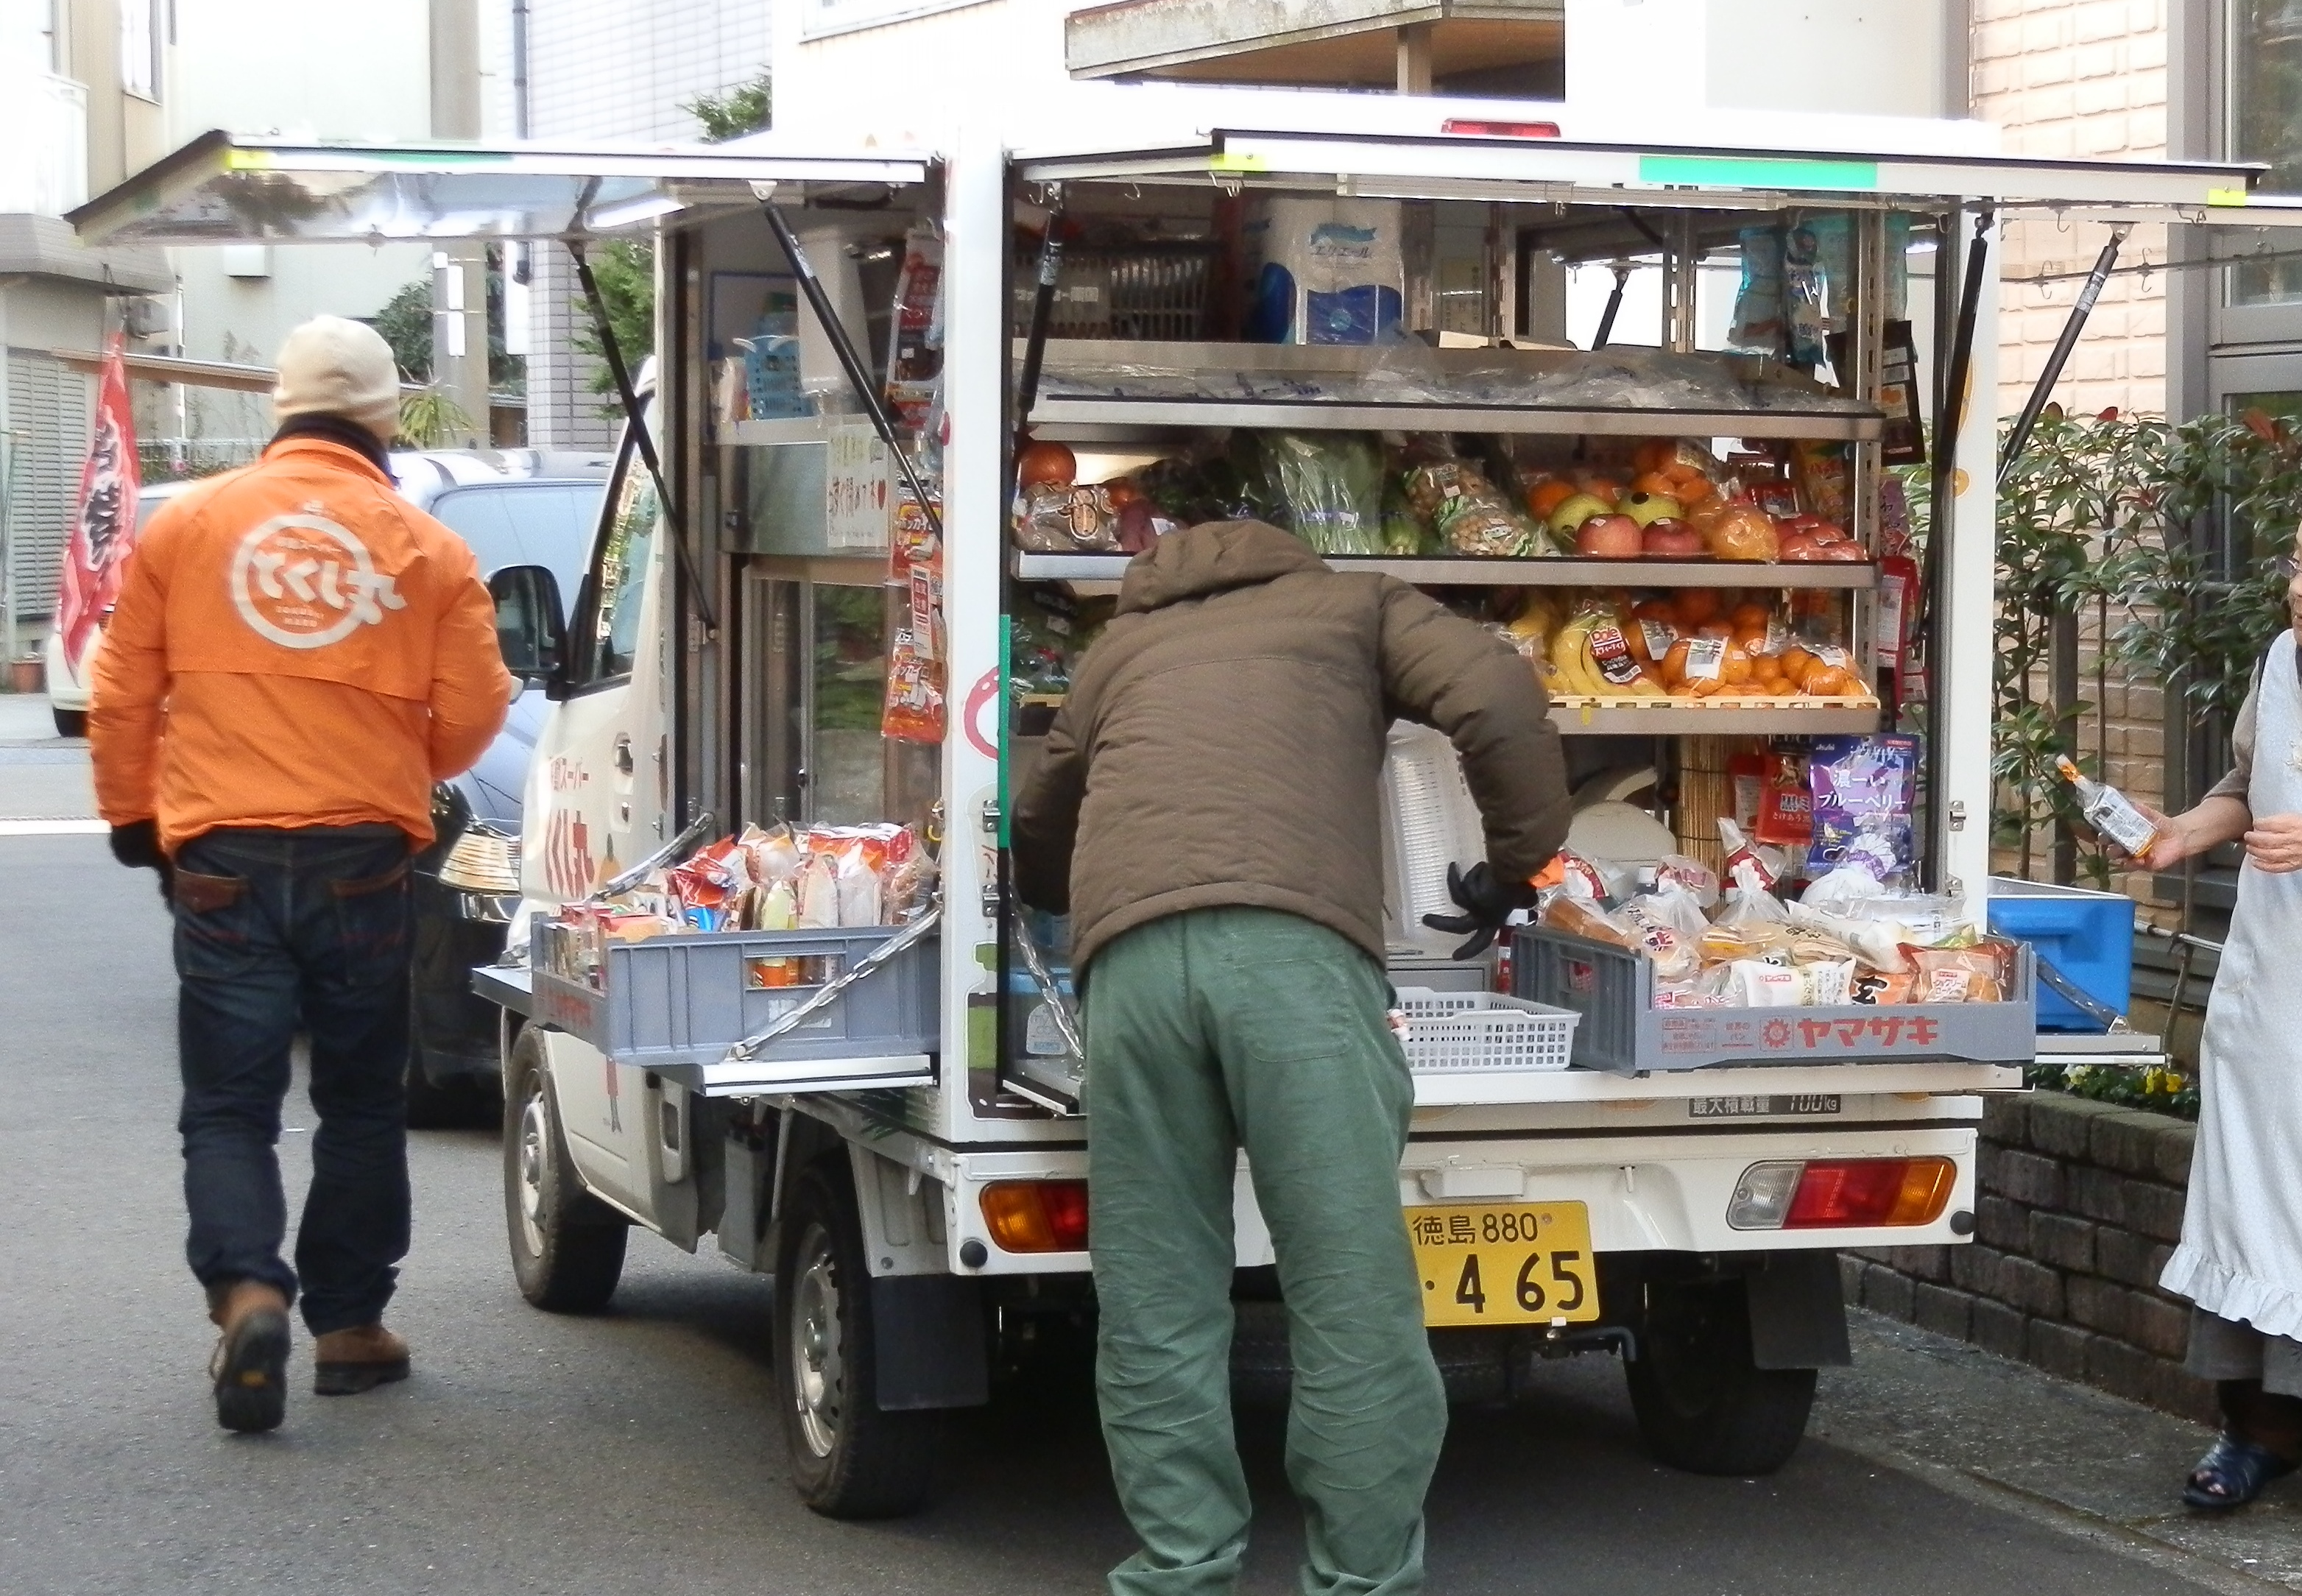 とくし丸とはお家の前で見て買える、便利な移動スーパーです。刺身・野菜・精肉・お米やトイレットペーパーなど重い物やかさばる物もご利用ください。